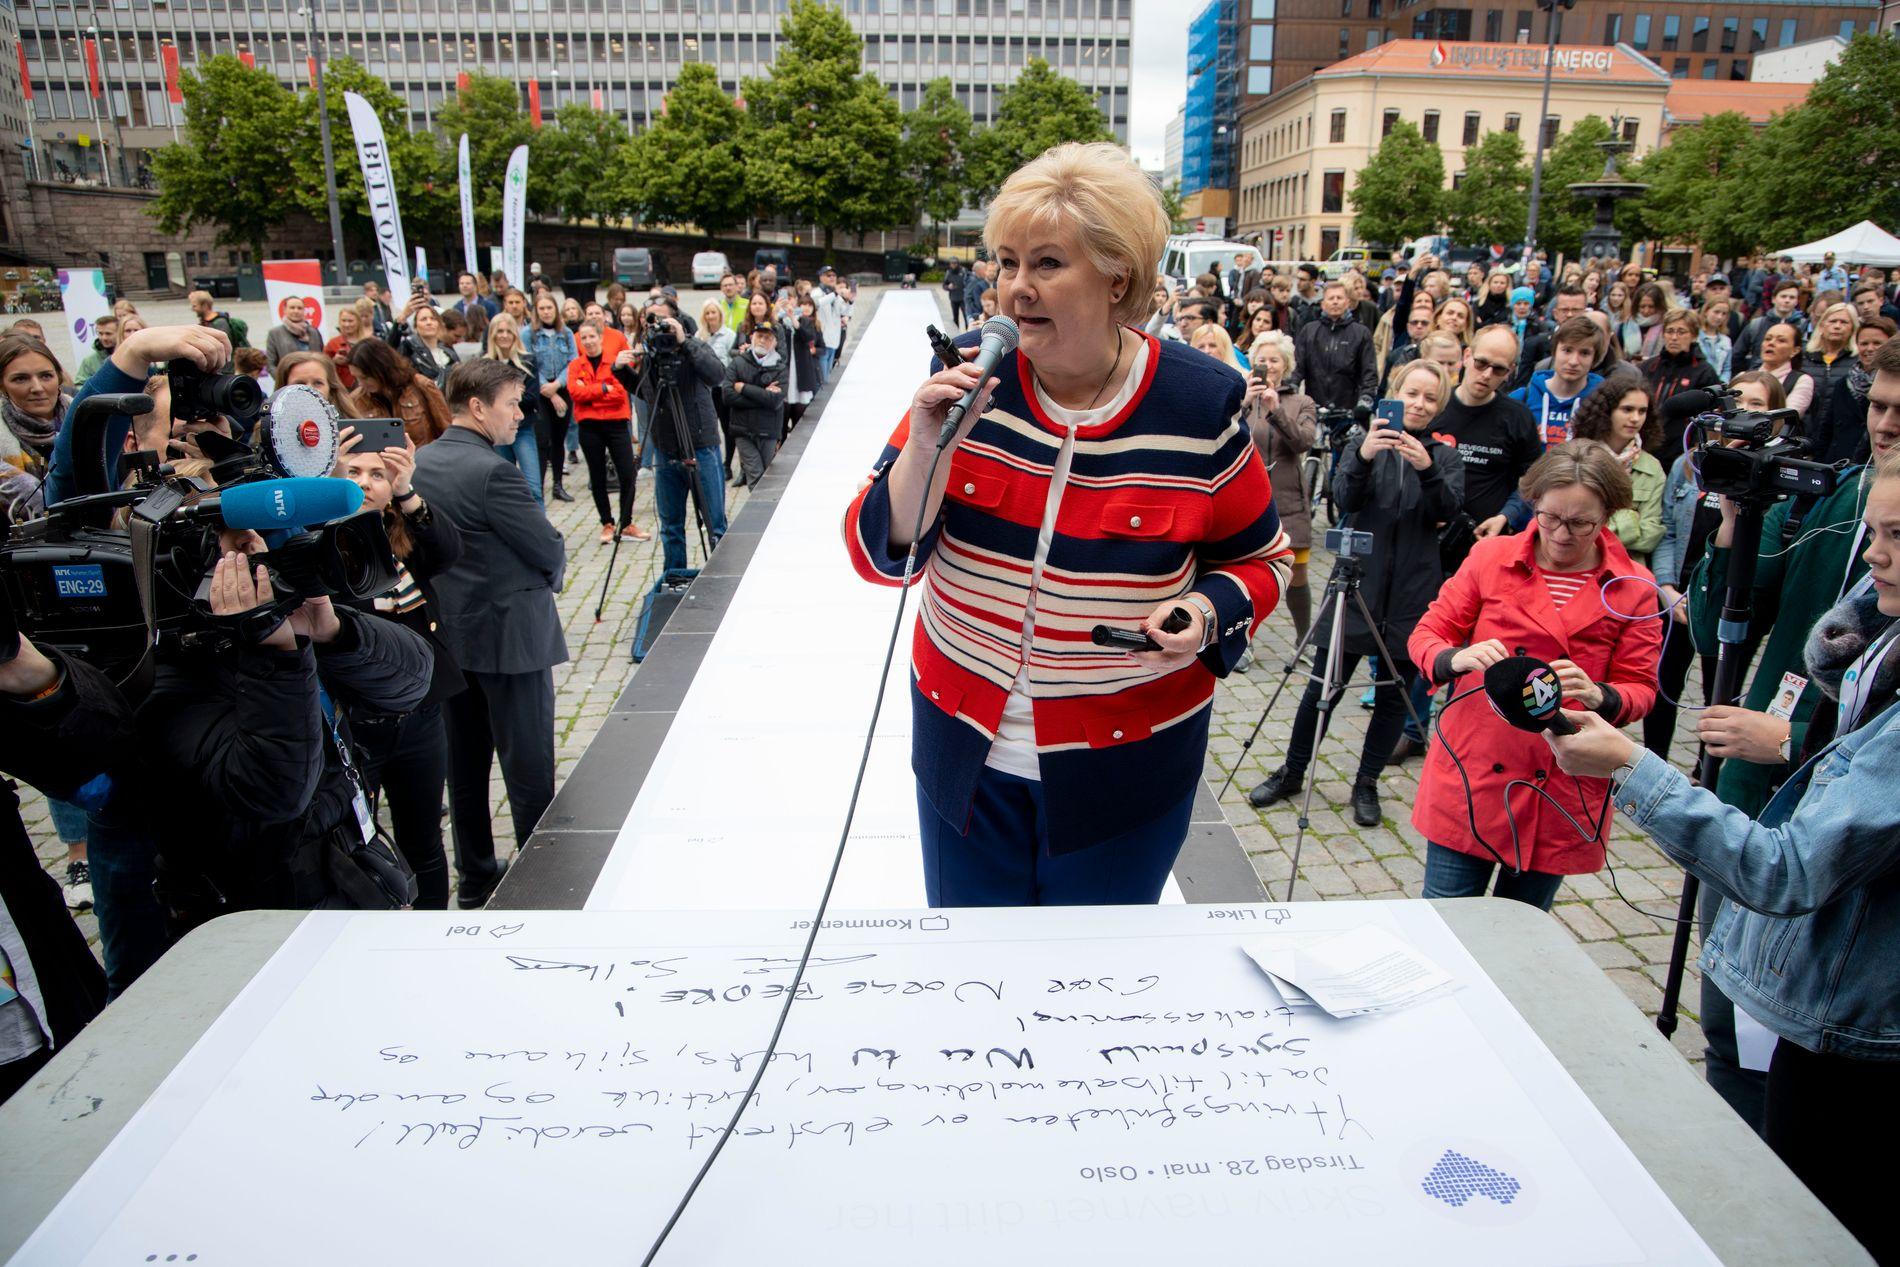 SKREV PÅ «VEGGEN»: På en 60 meter lang «vegg» skrev Erna at hun ønsket diskusjon, men ikke hets.